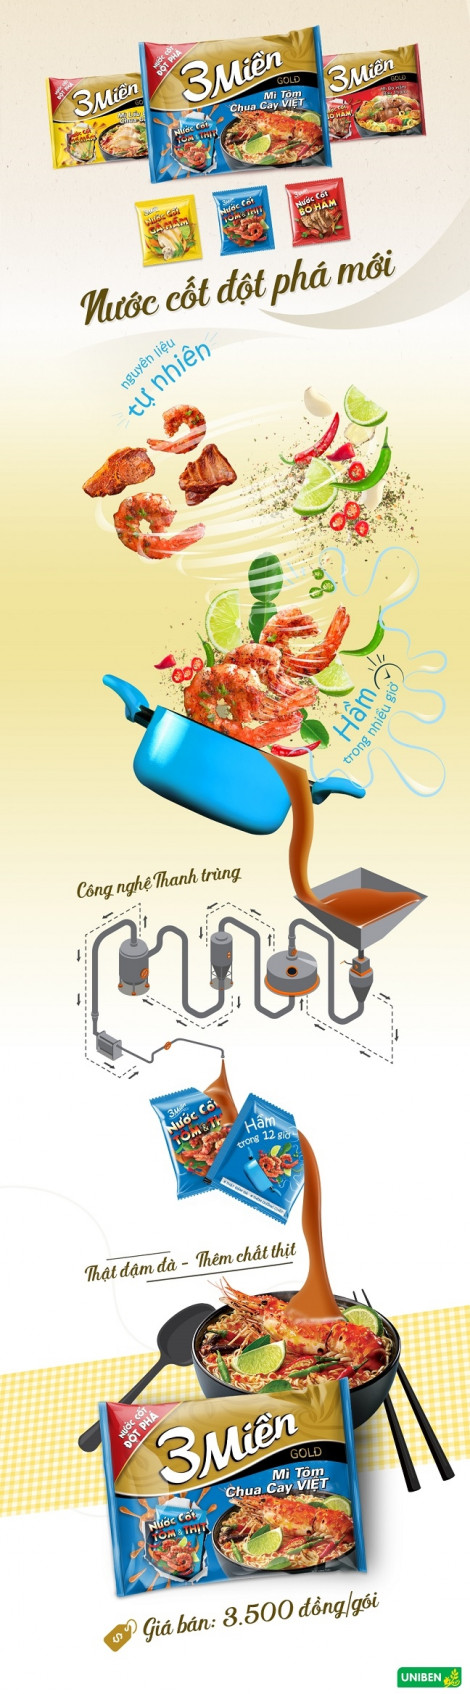 Mì 3 Miền Tôm Chua Cay Việt tiên phong với nước cốt tôm và thịt